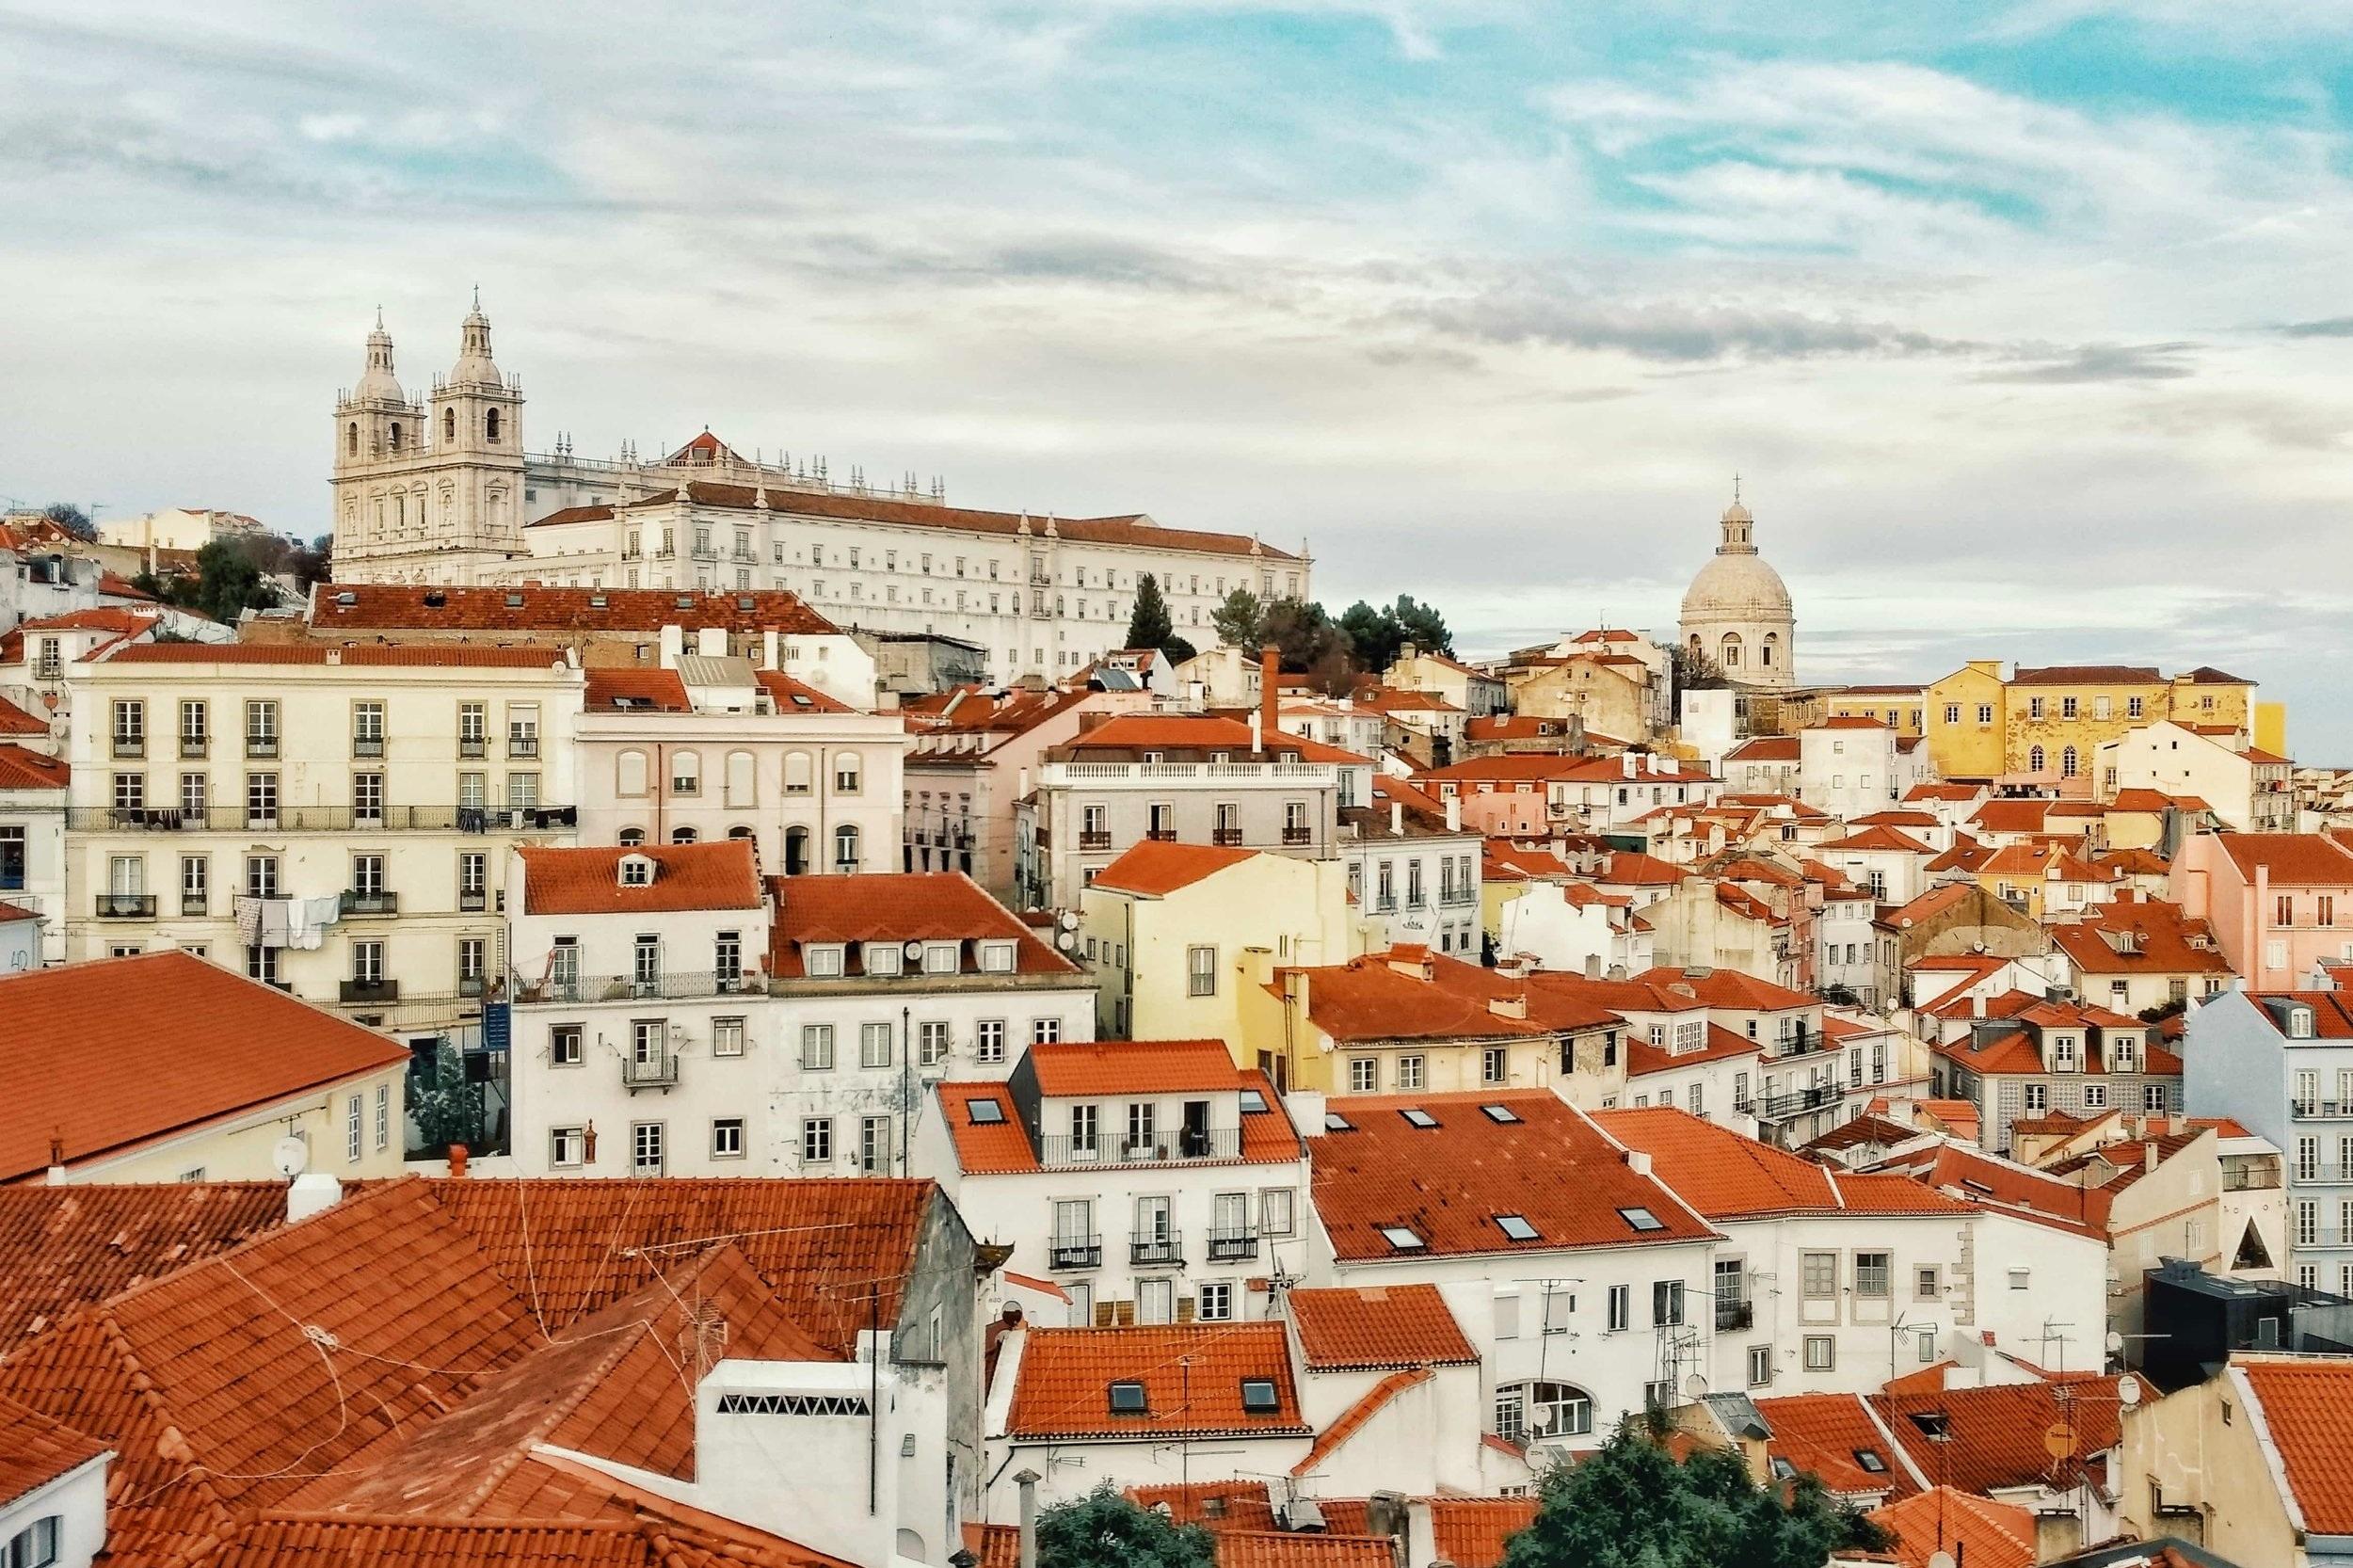 Konferenzdolmetscher für Portugiesisch